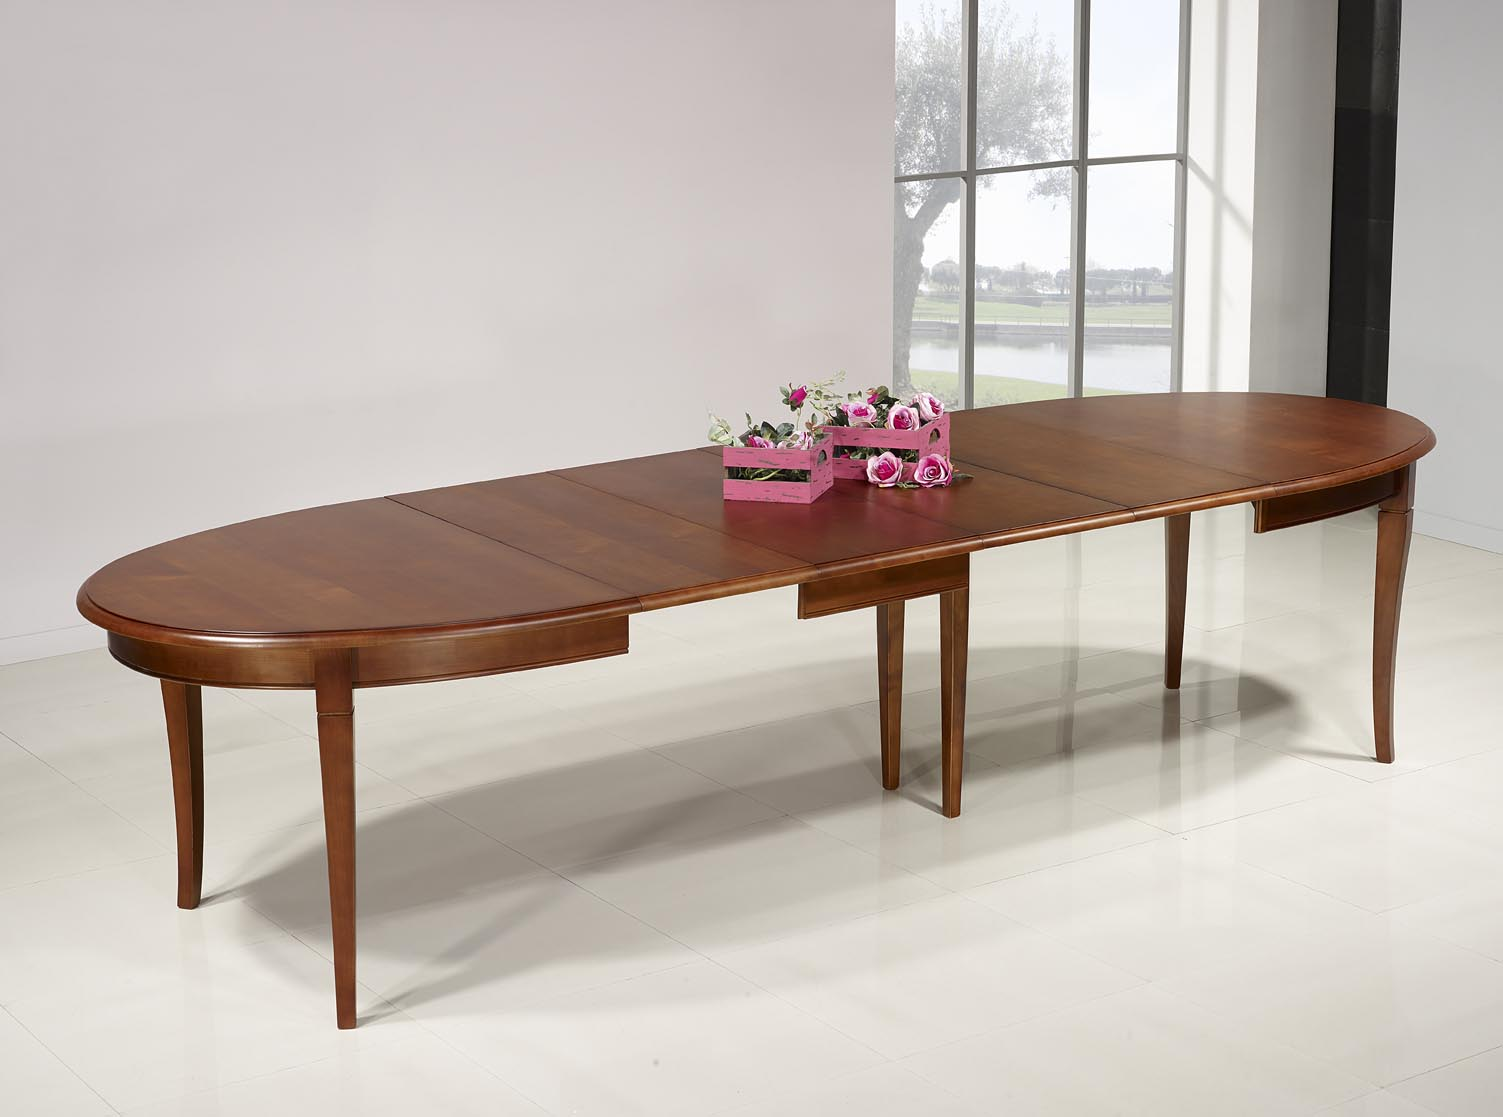 Mesa de comedor ovalada estelle hecha en madera maciza de for Mesa comedor ovalada